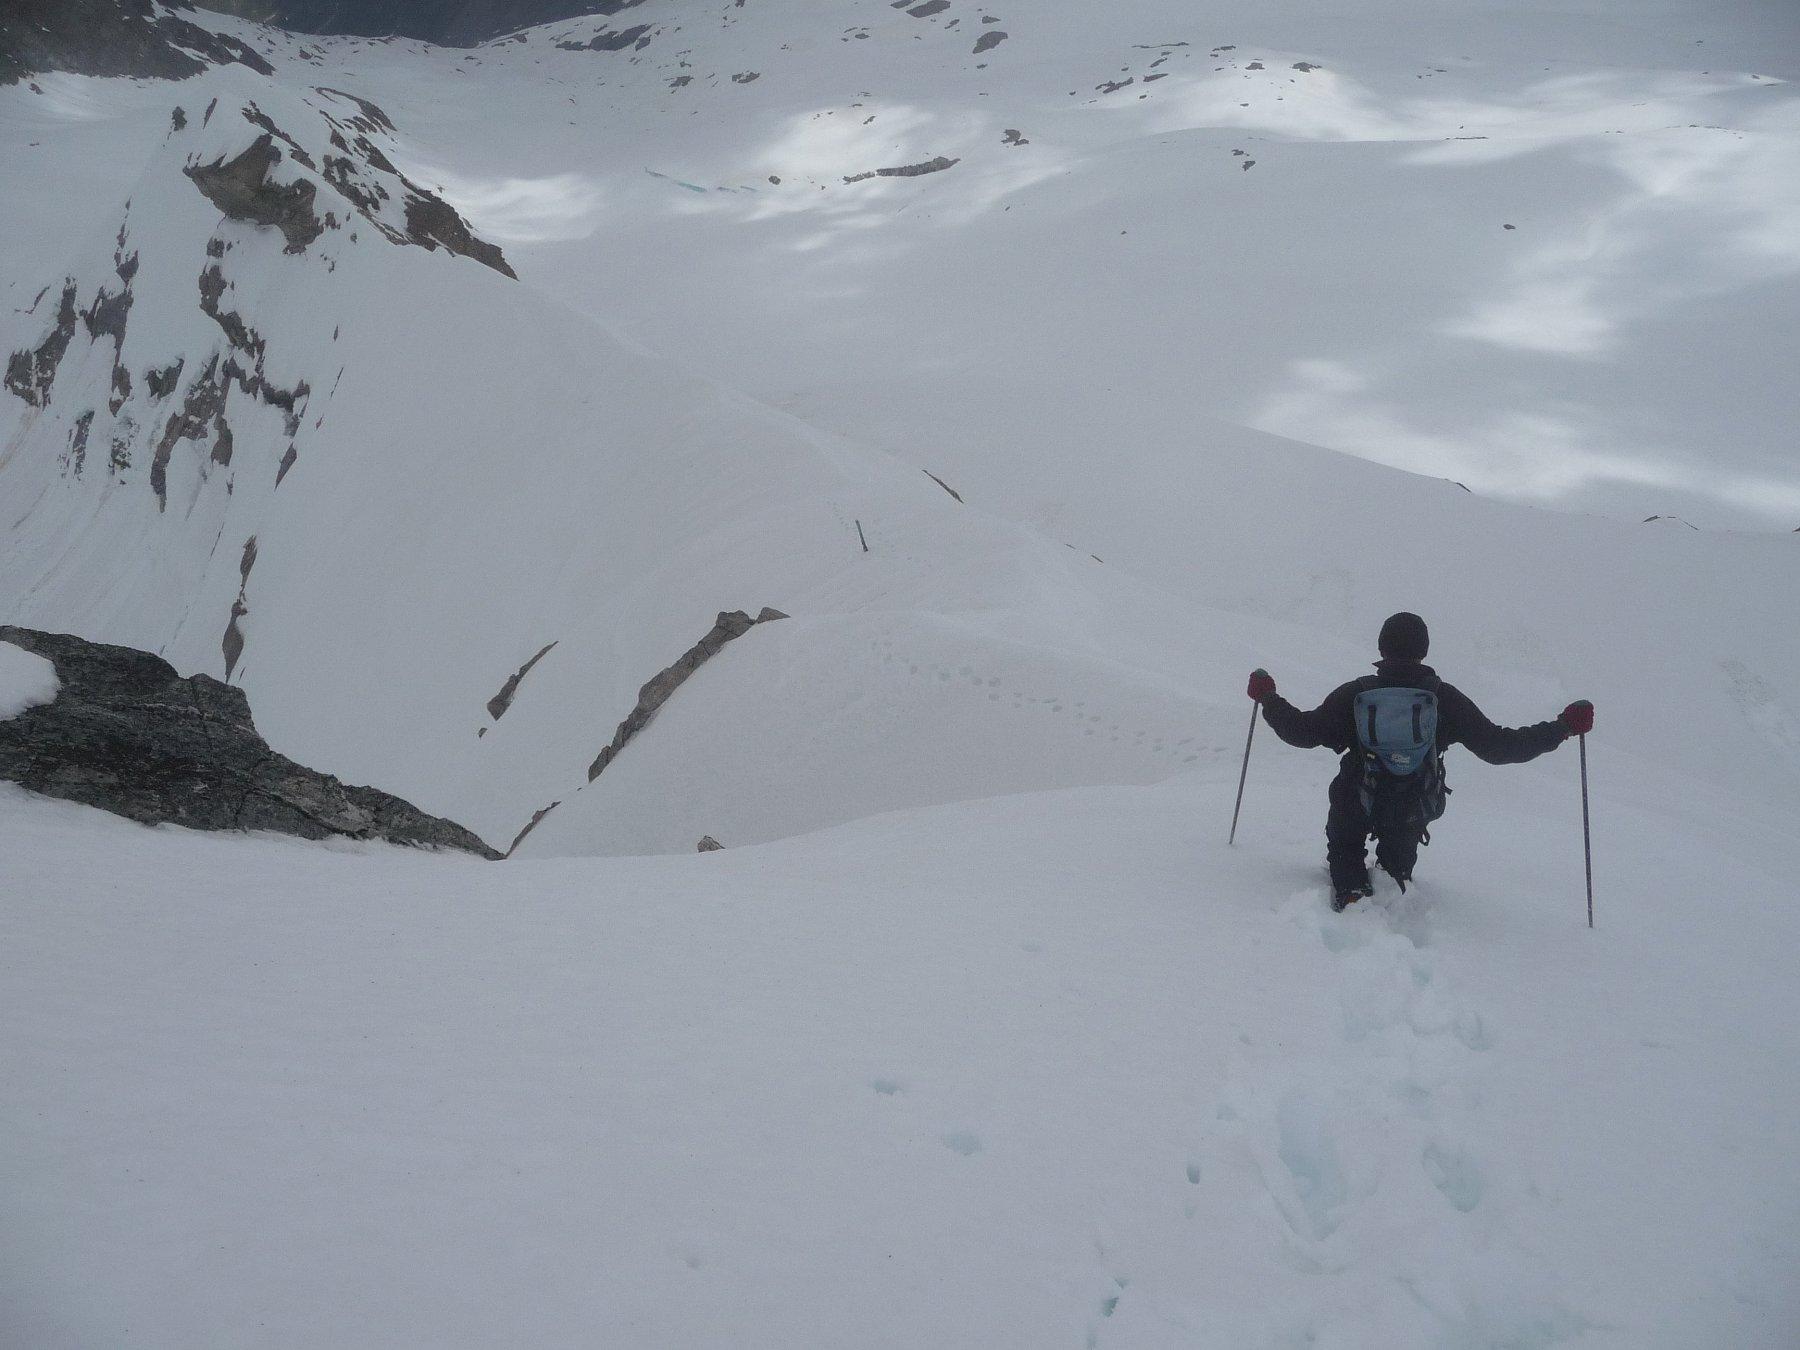 scendendo dalla cima verso l'imbocco del ripido pendio